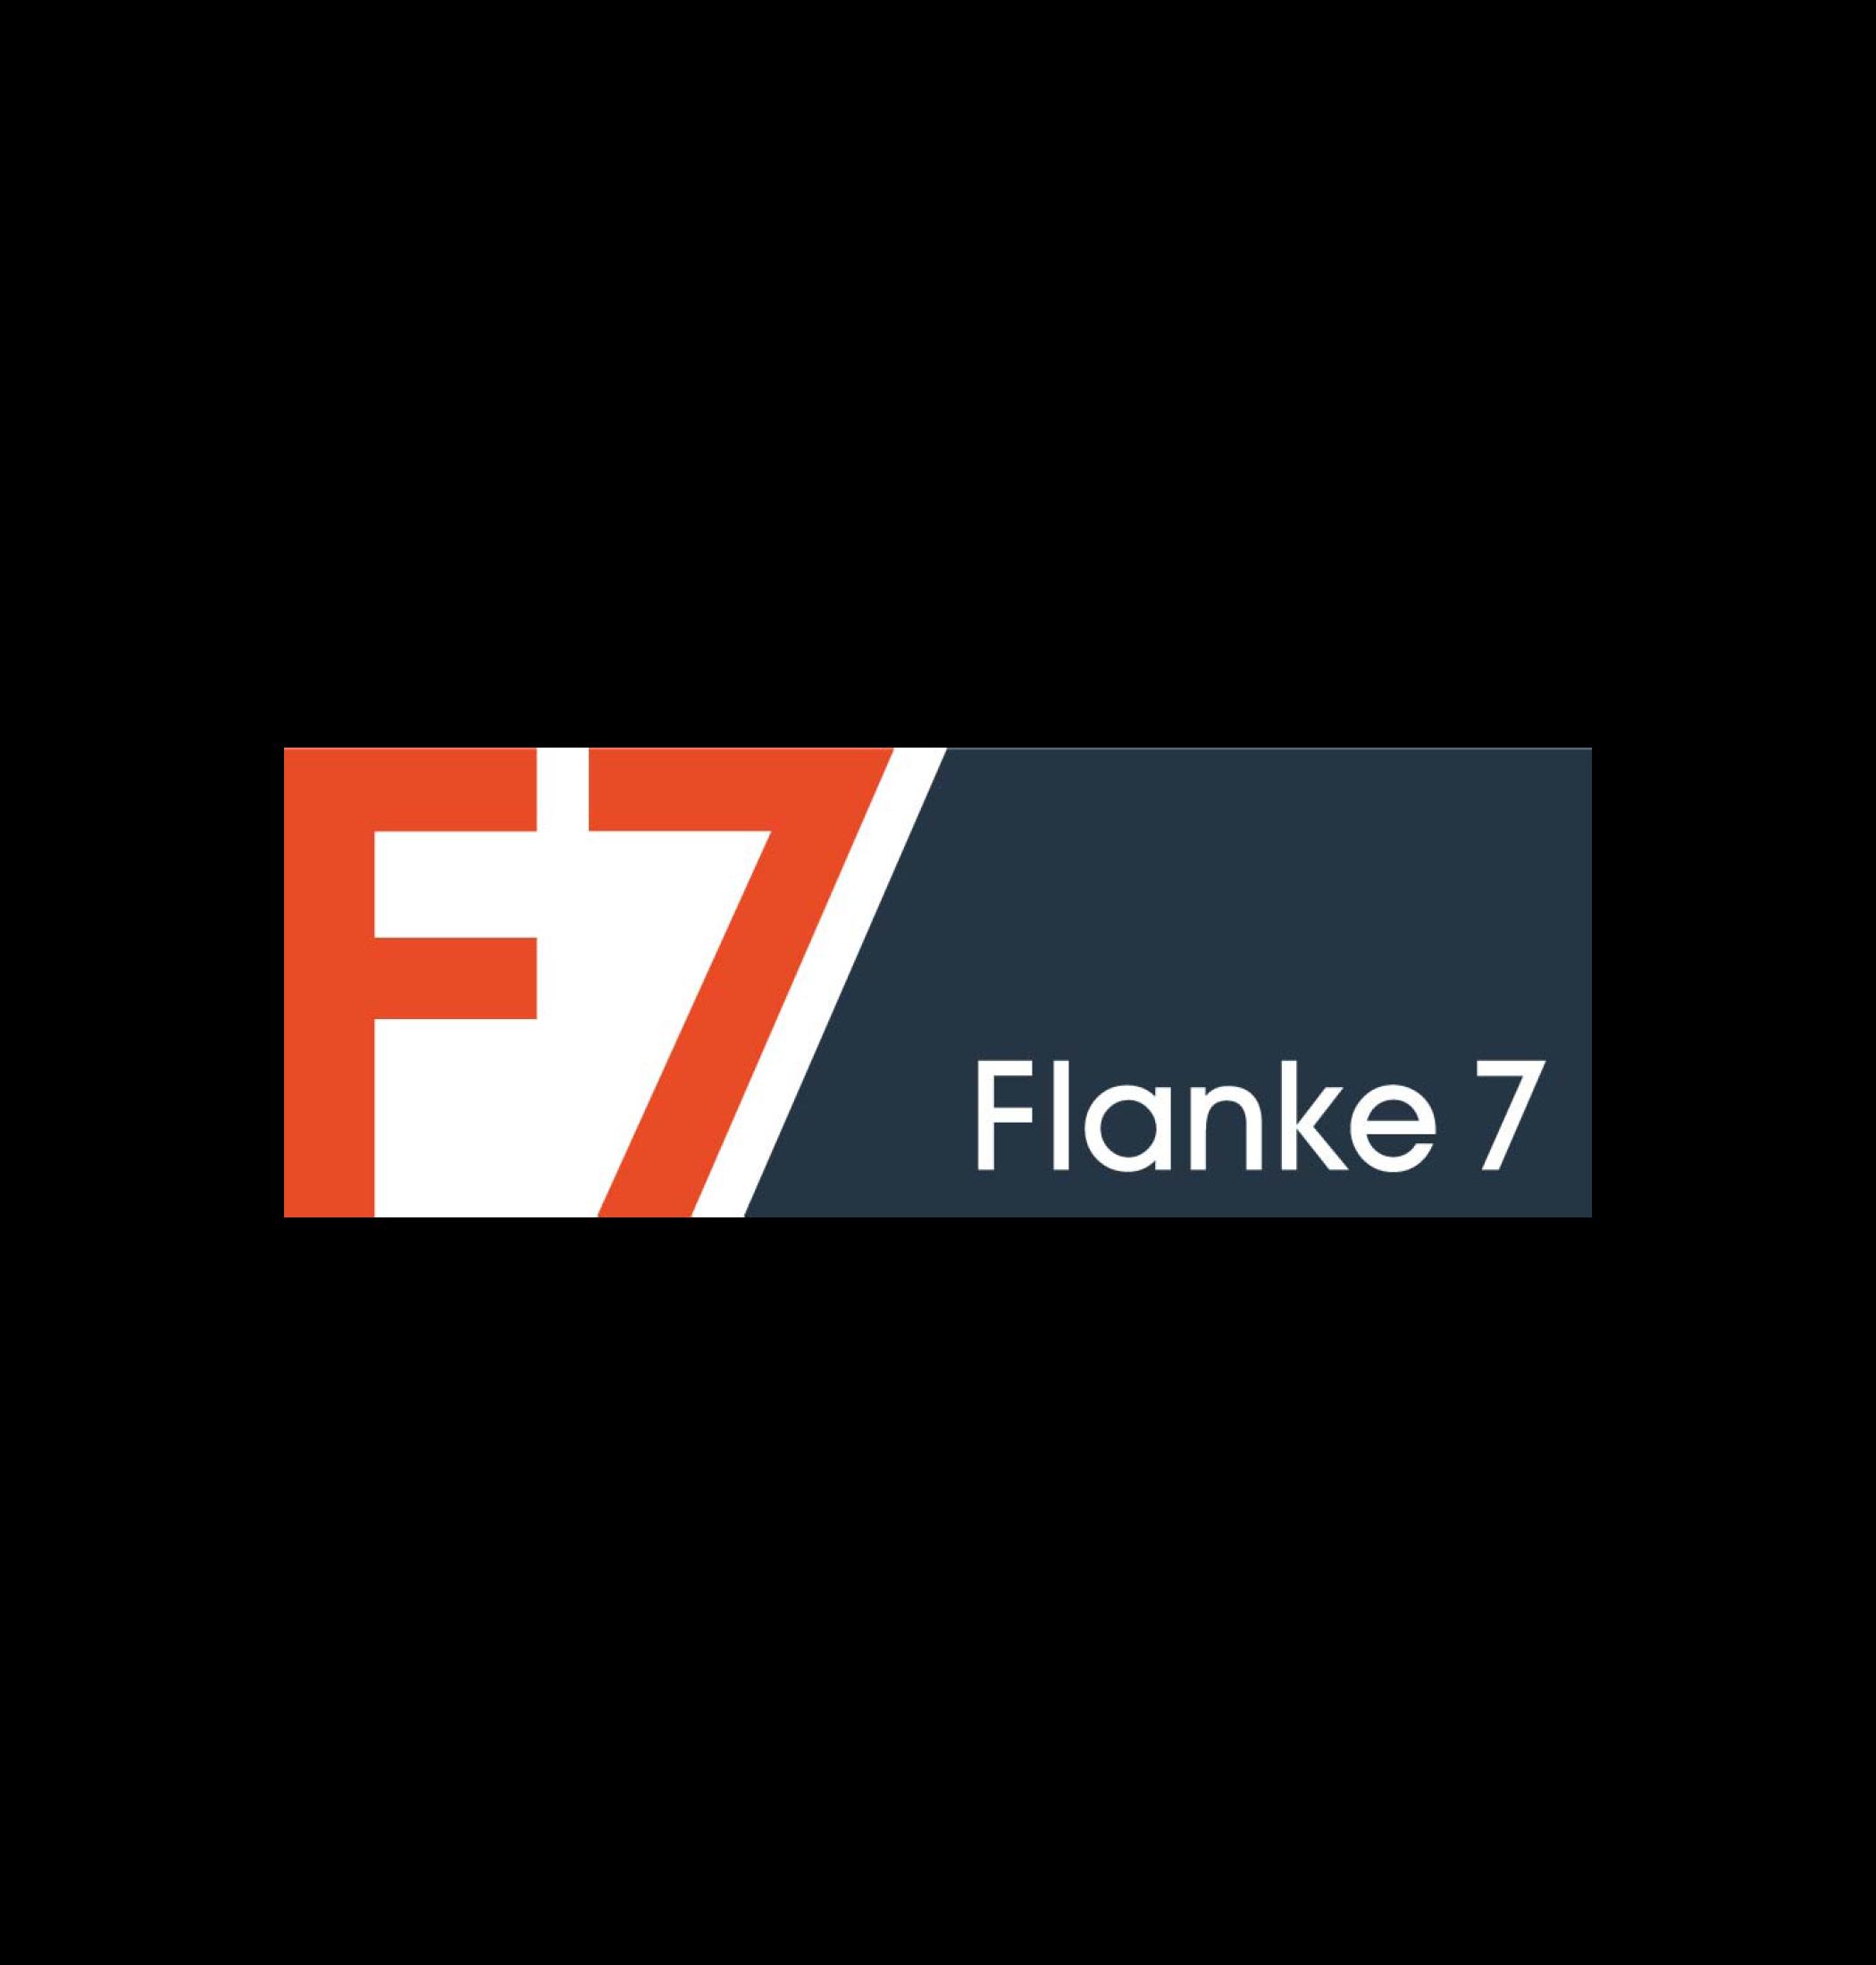 Logo Flanke 7